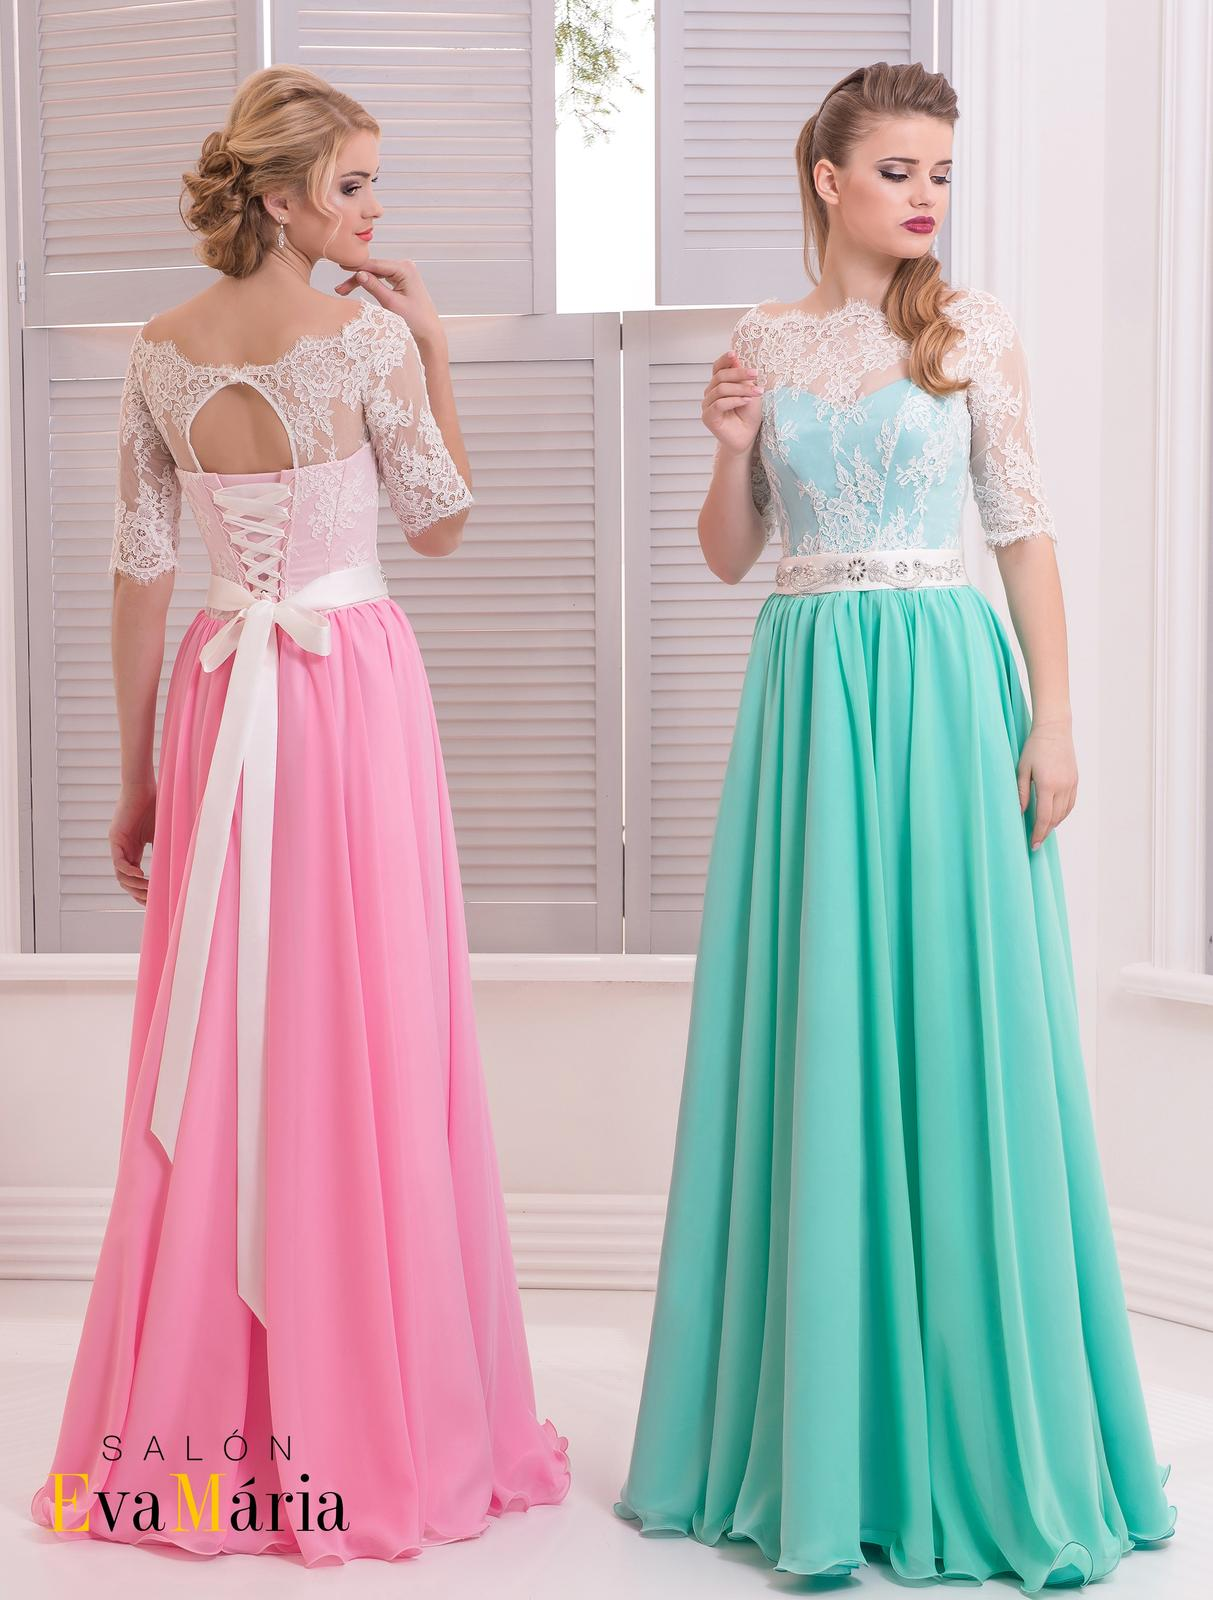 4aca965e032f Prekrásne spoločenské šaty s čipkovanými rukávmi